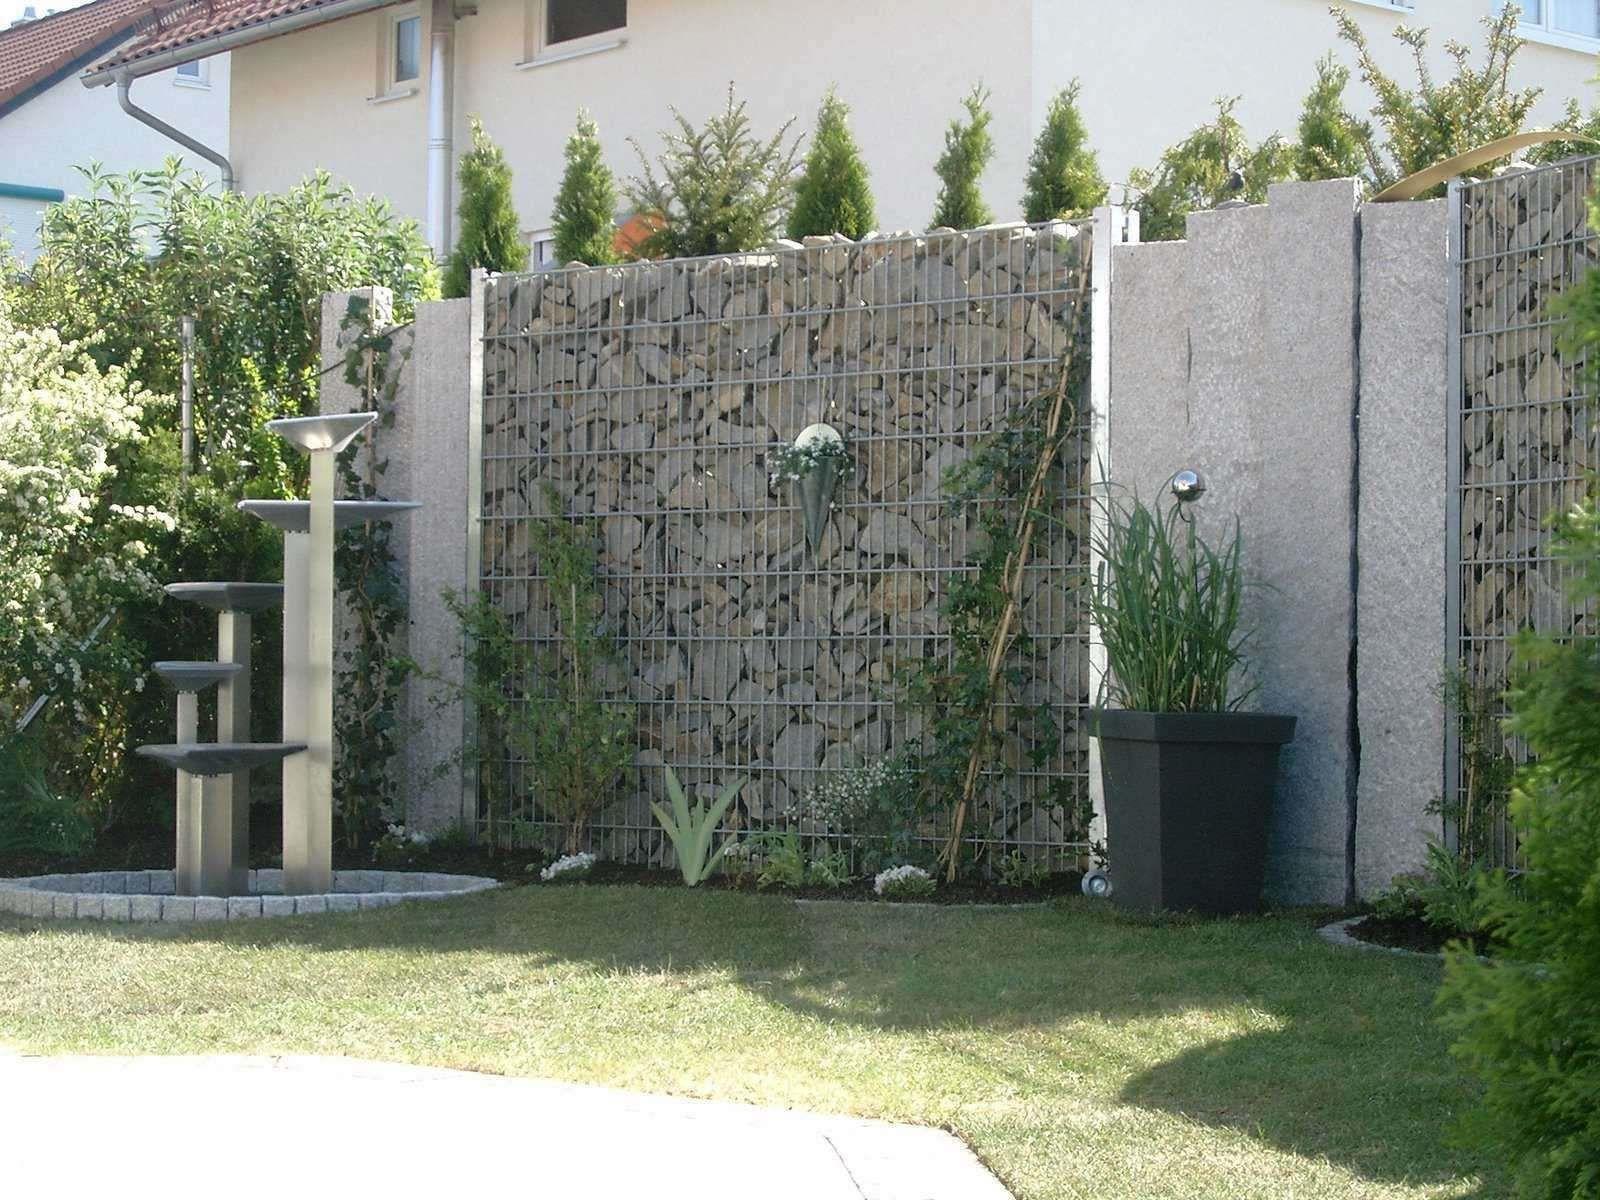 31 Luxus Sichtschutz Garten Holz Bild Sichtschutz Garten Holz Sichtschutz Garten Sichtschutzzaun Garten